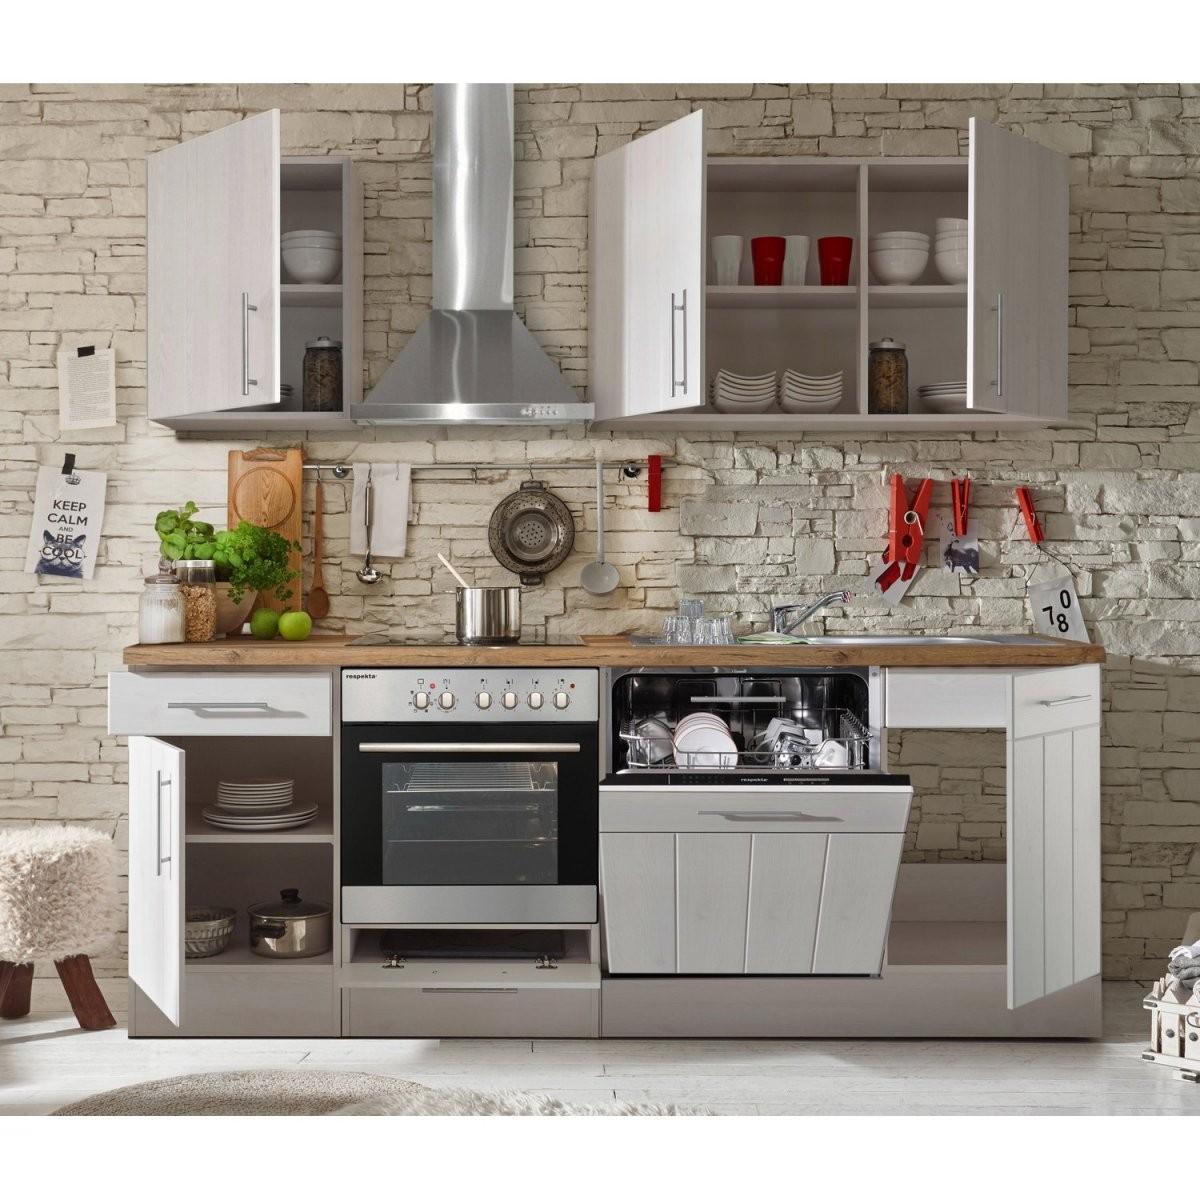 Respekta Premium Küchenzeile Landhaus 220 Cm Lärche Weiß Matt Kaufen von Küchenzeile 220 Cm Ohne Geräte Bild